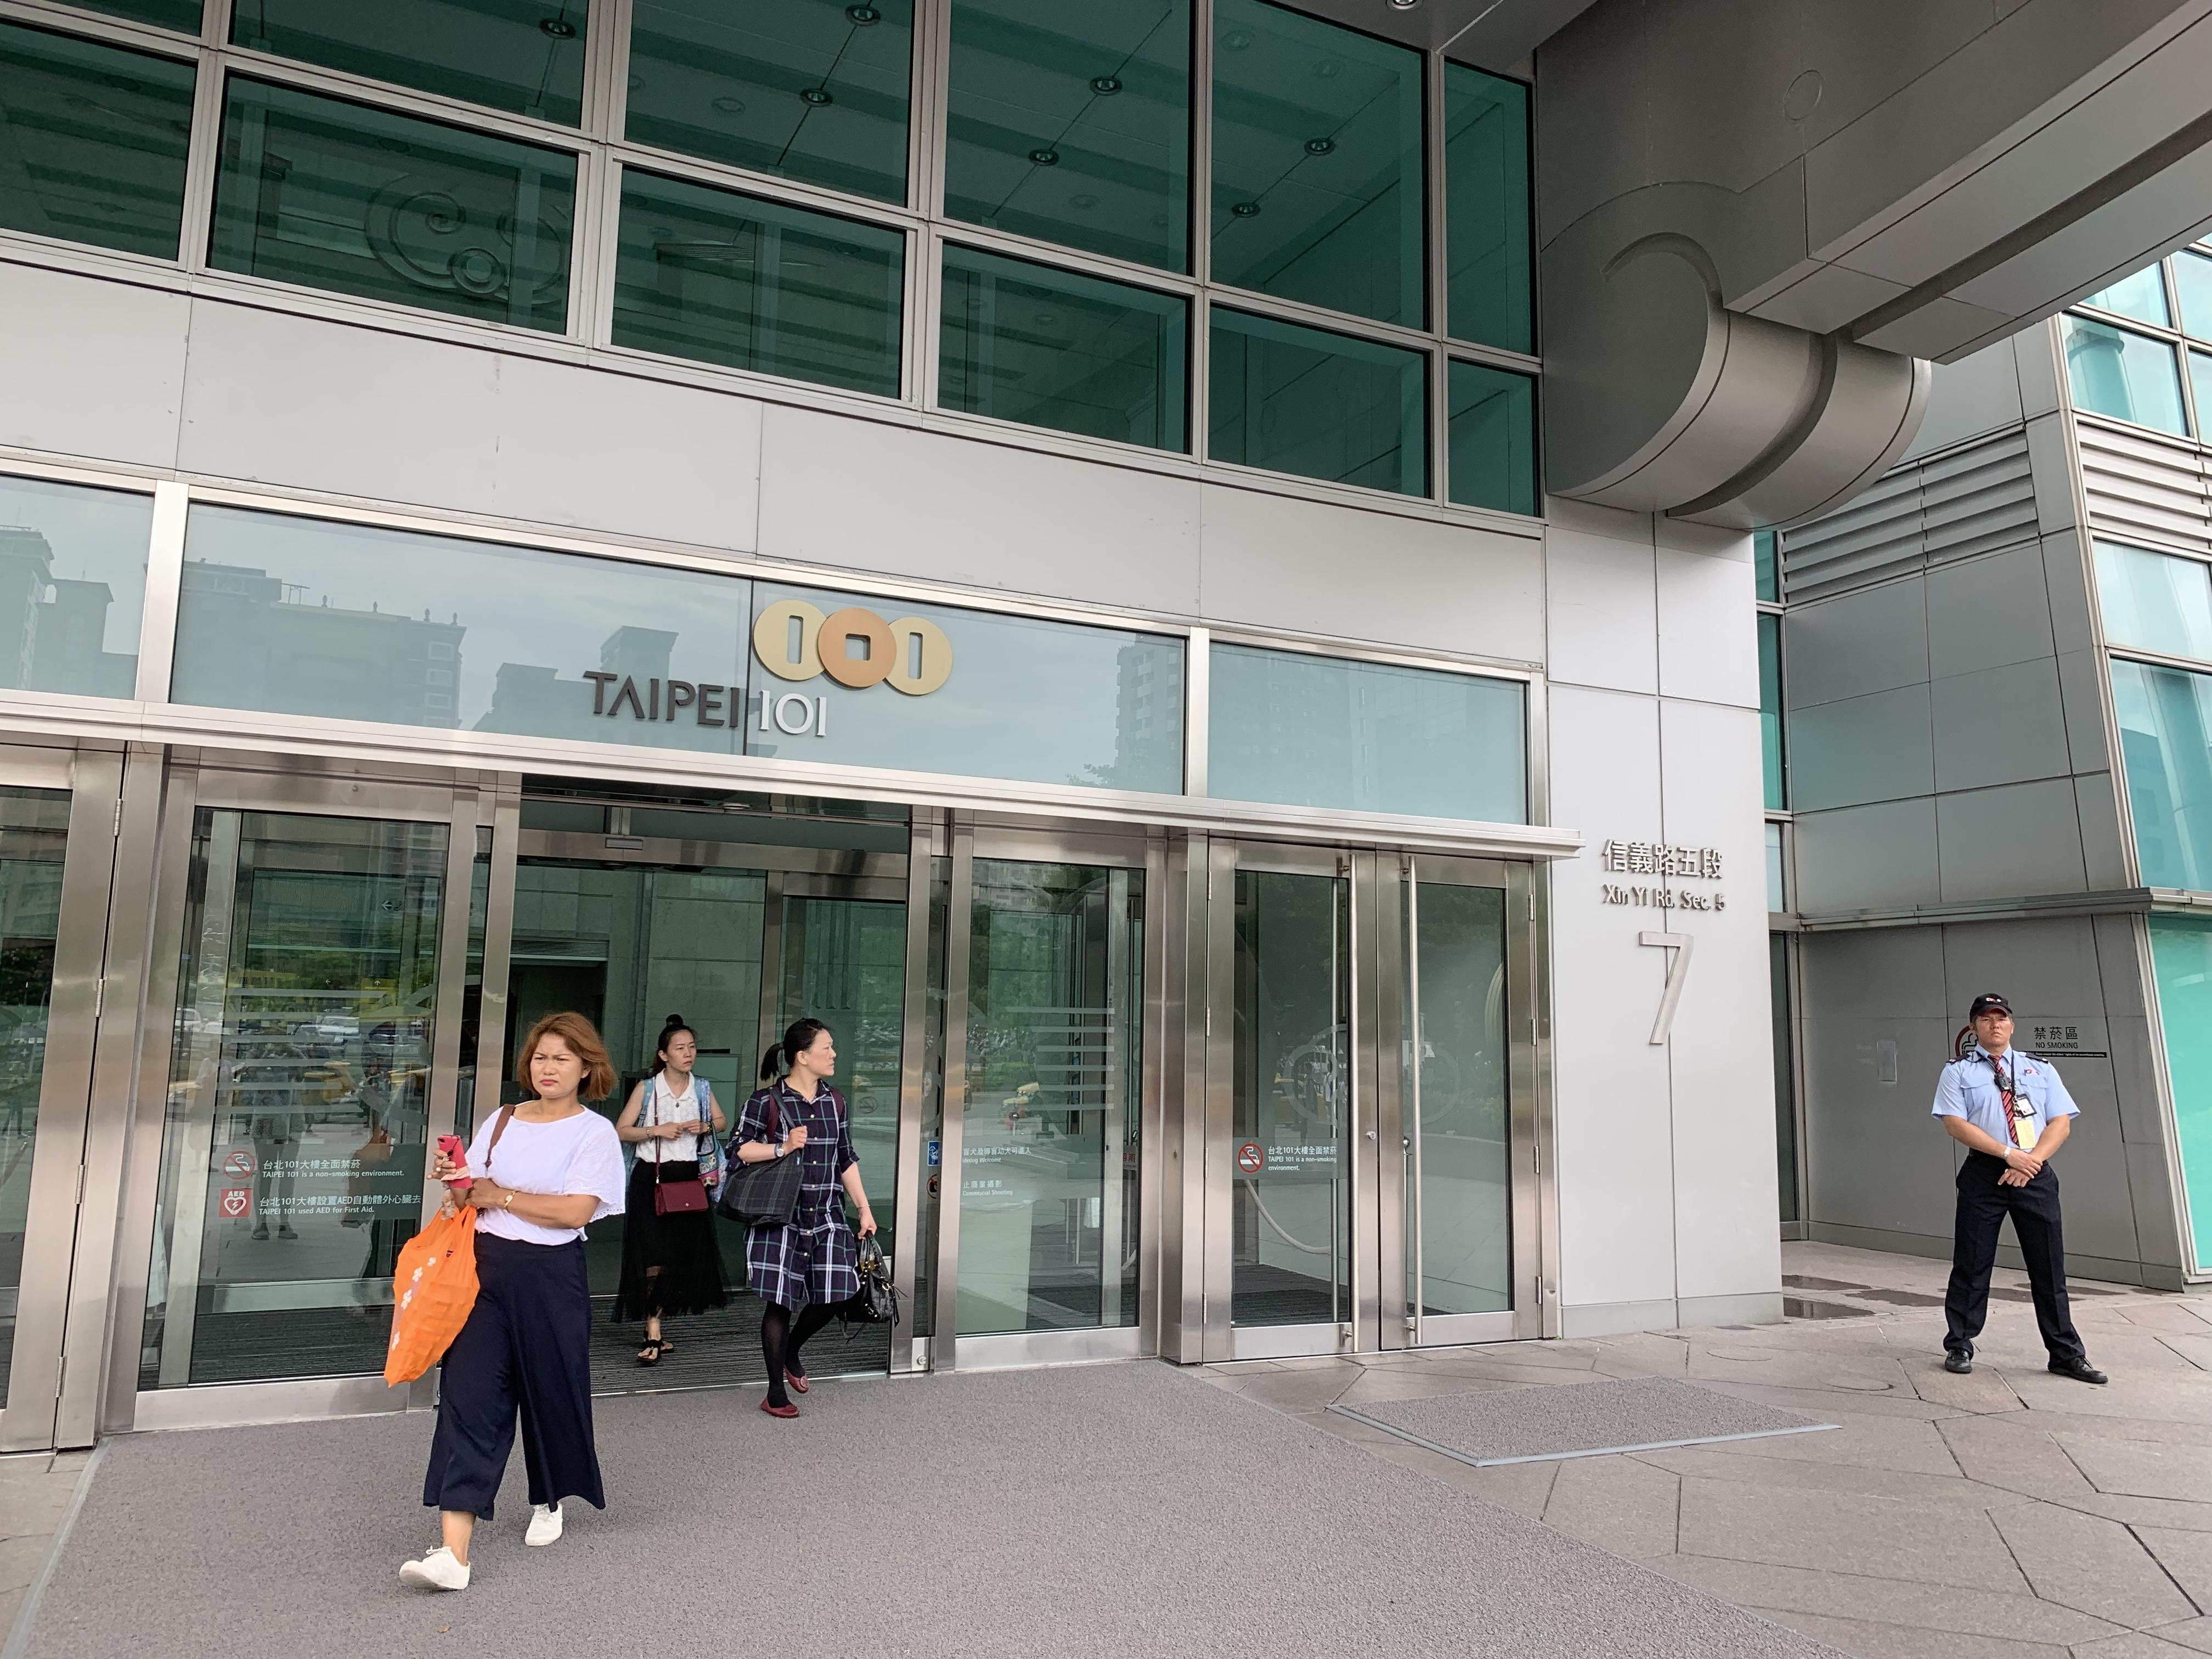 doors-to-Taipei-101-building